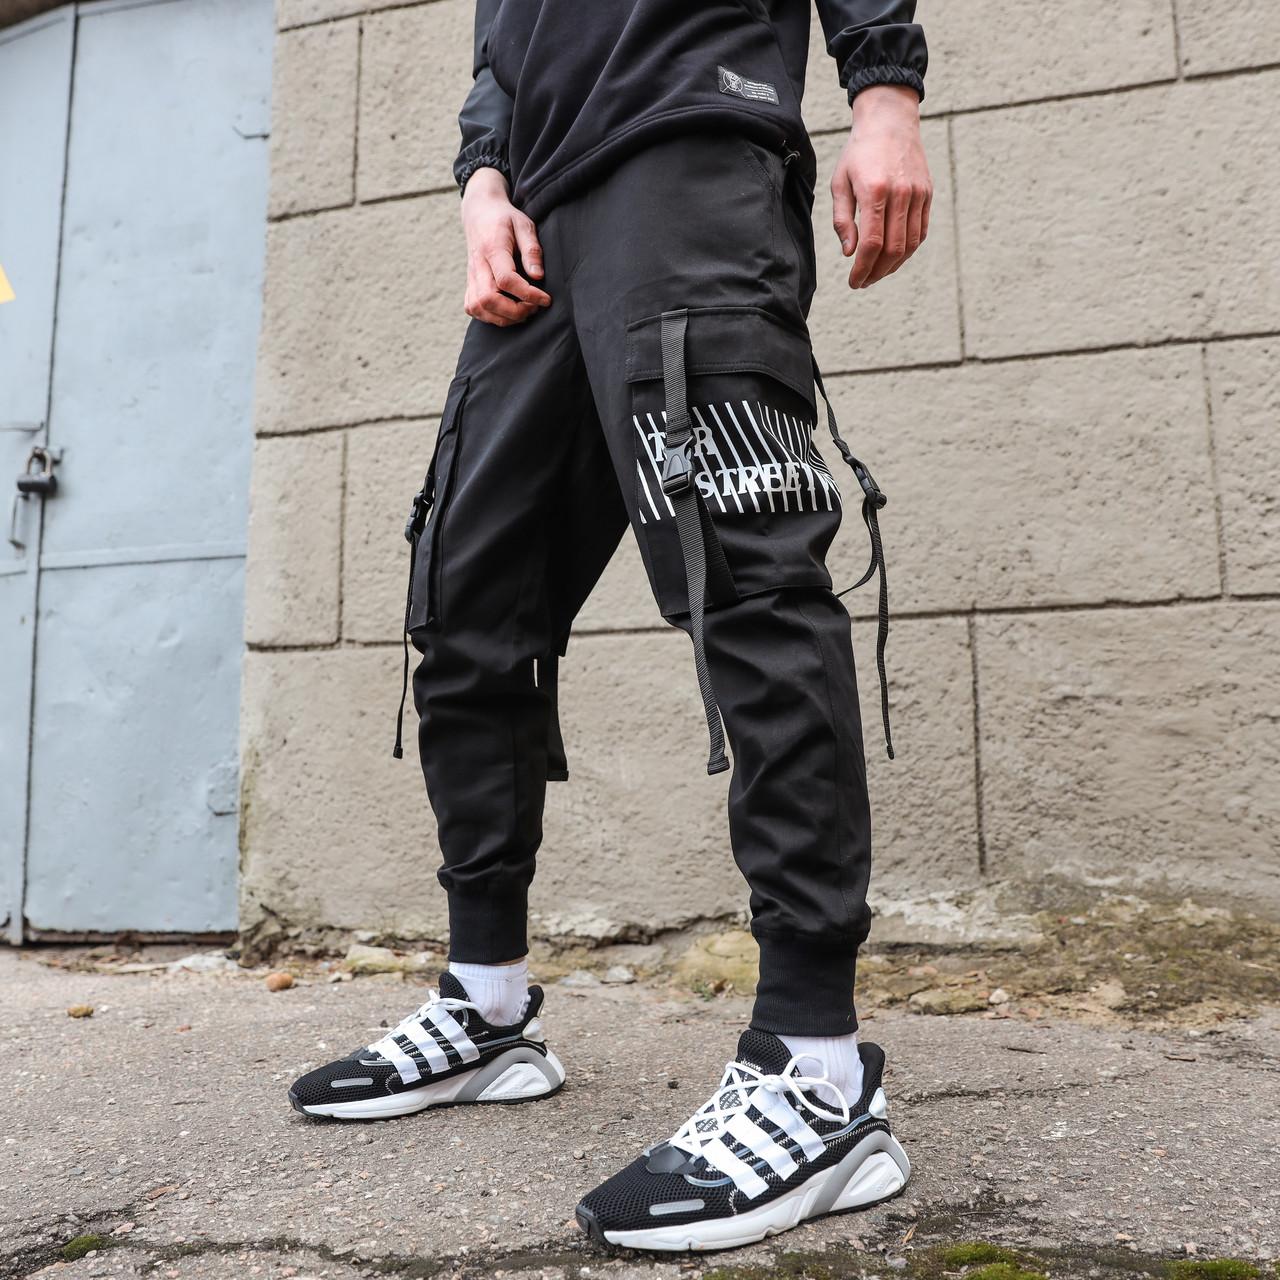 Карго штаны подростковые черные, от бренда ТУР модель Ёсида (Yoshida) Рост 140см - 188см.